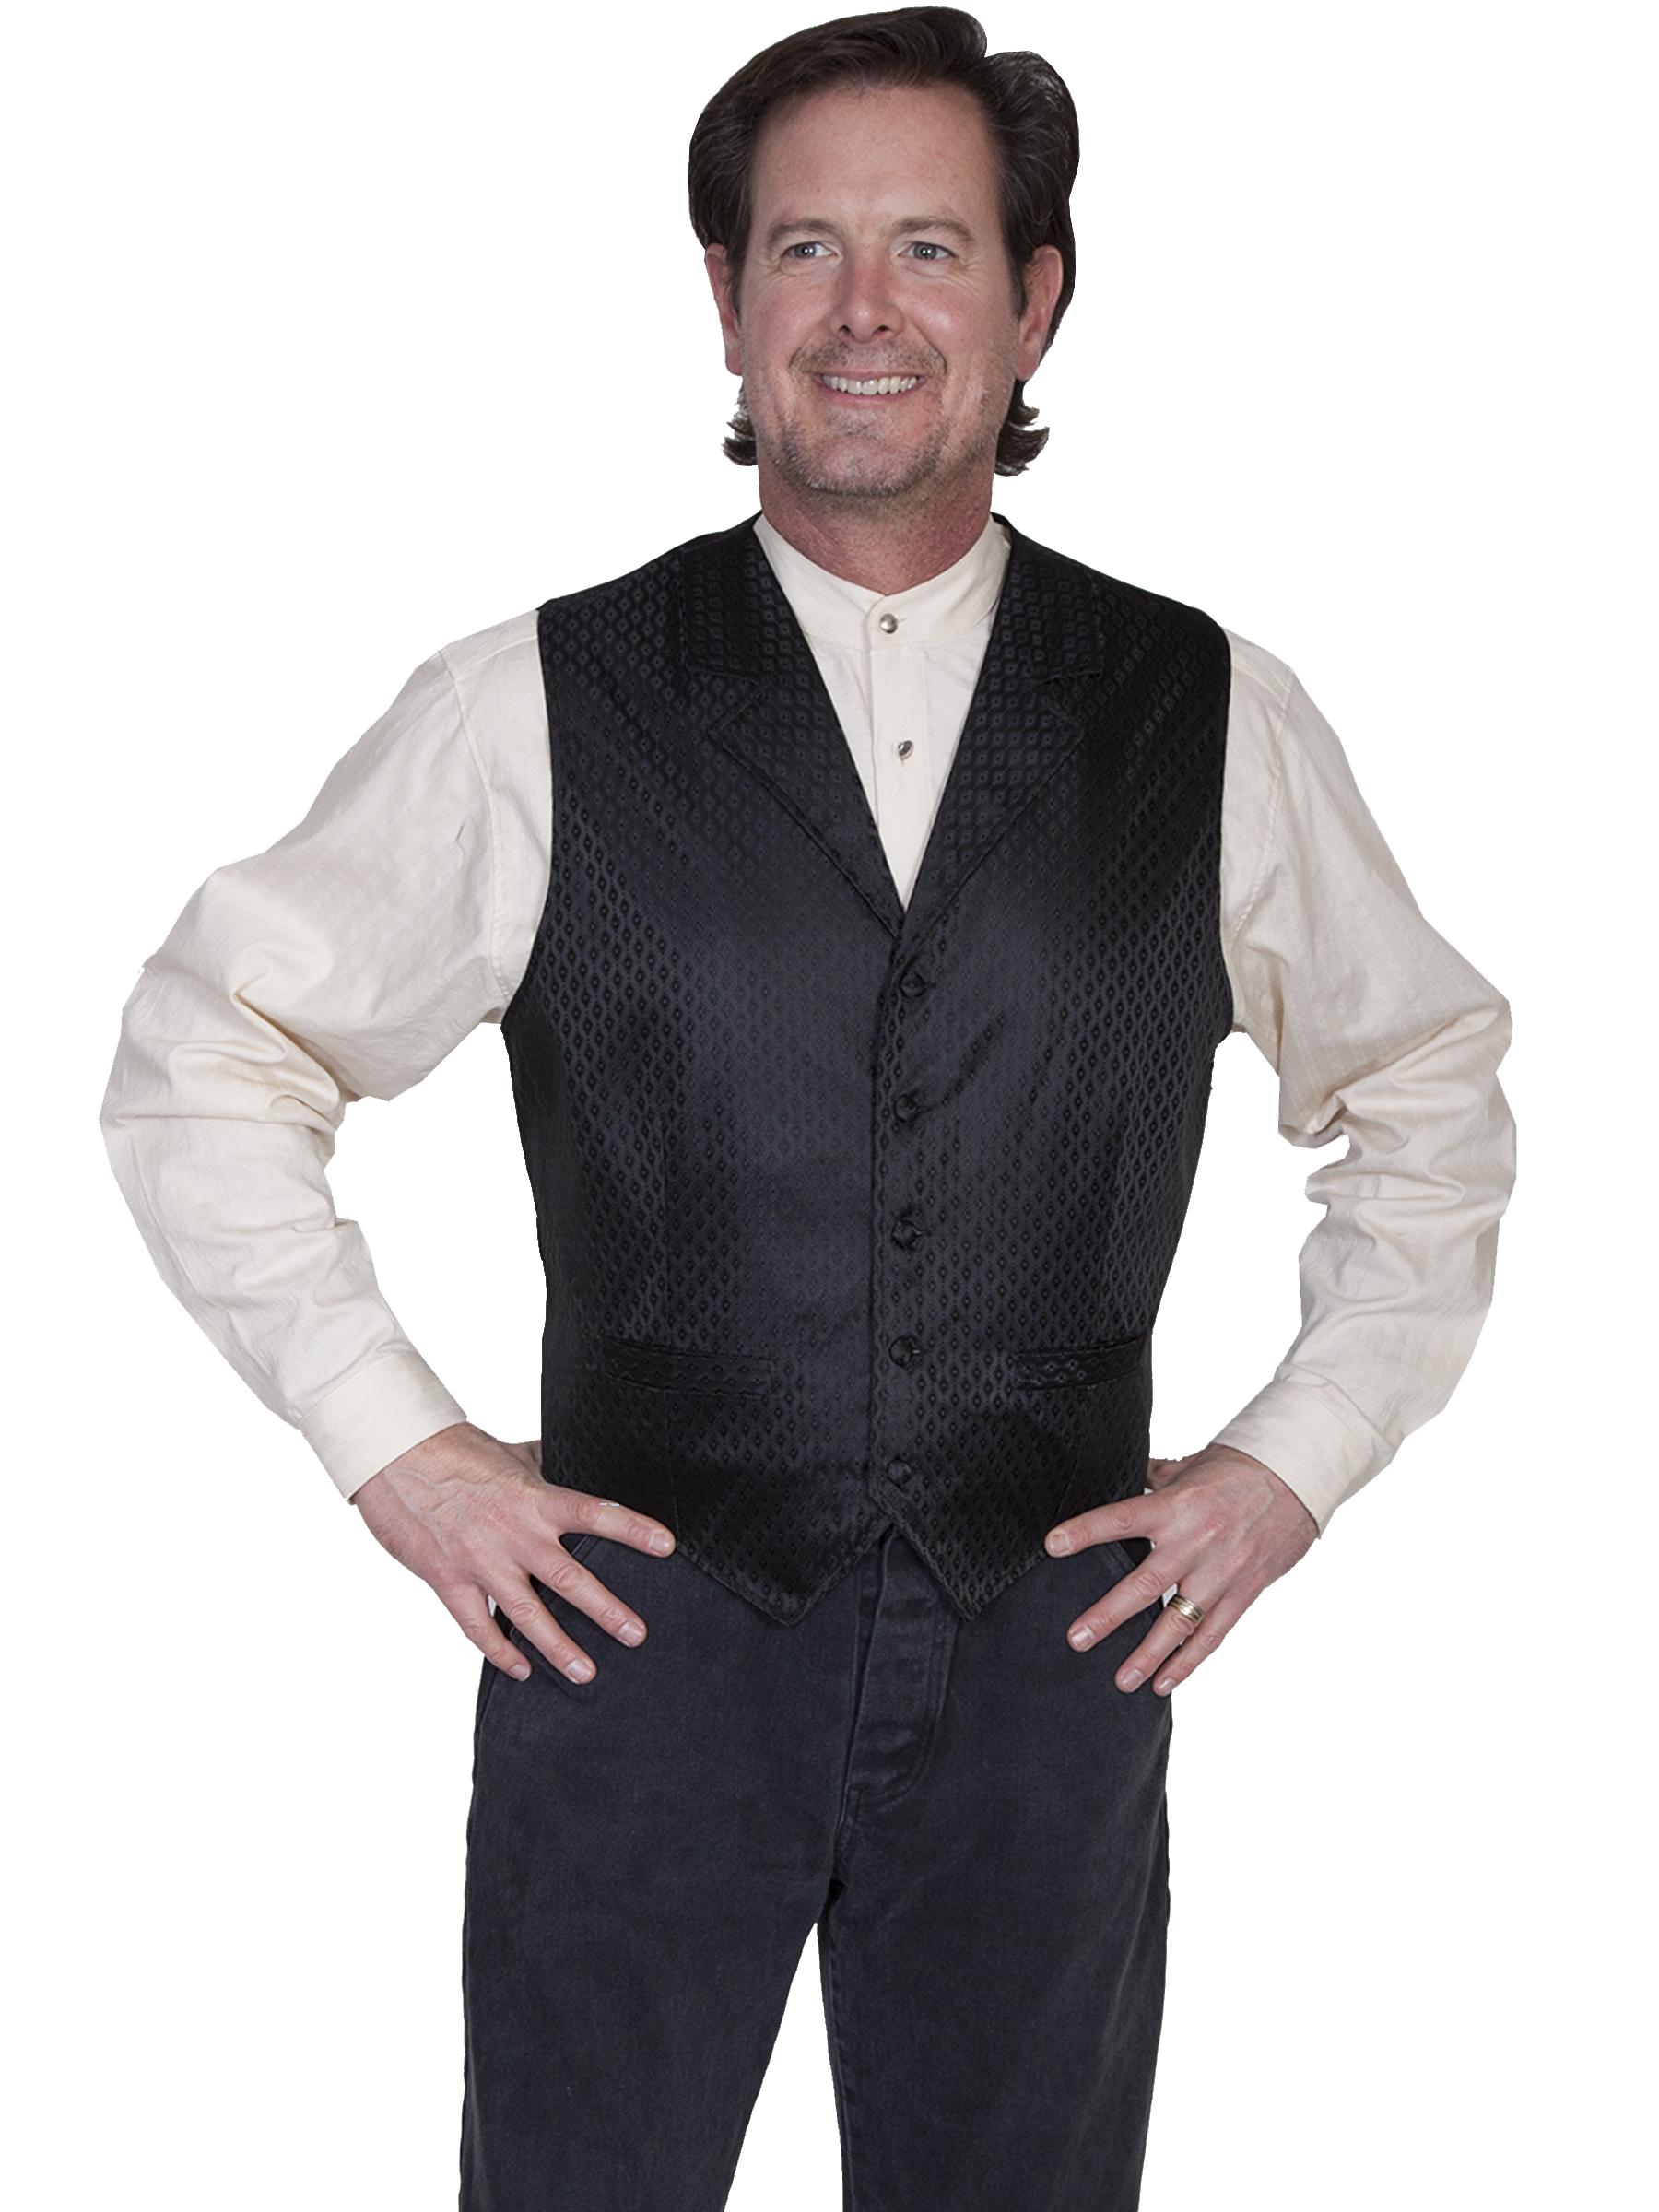 Diamond dot vest